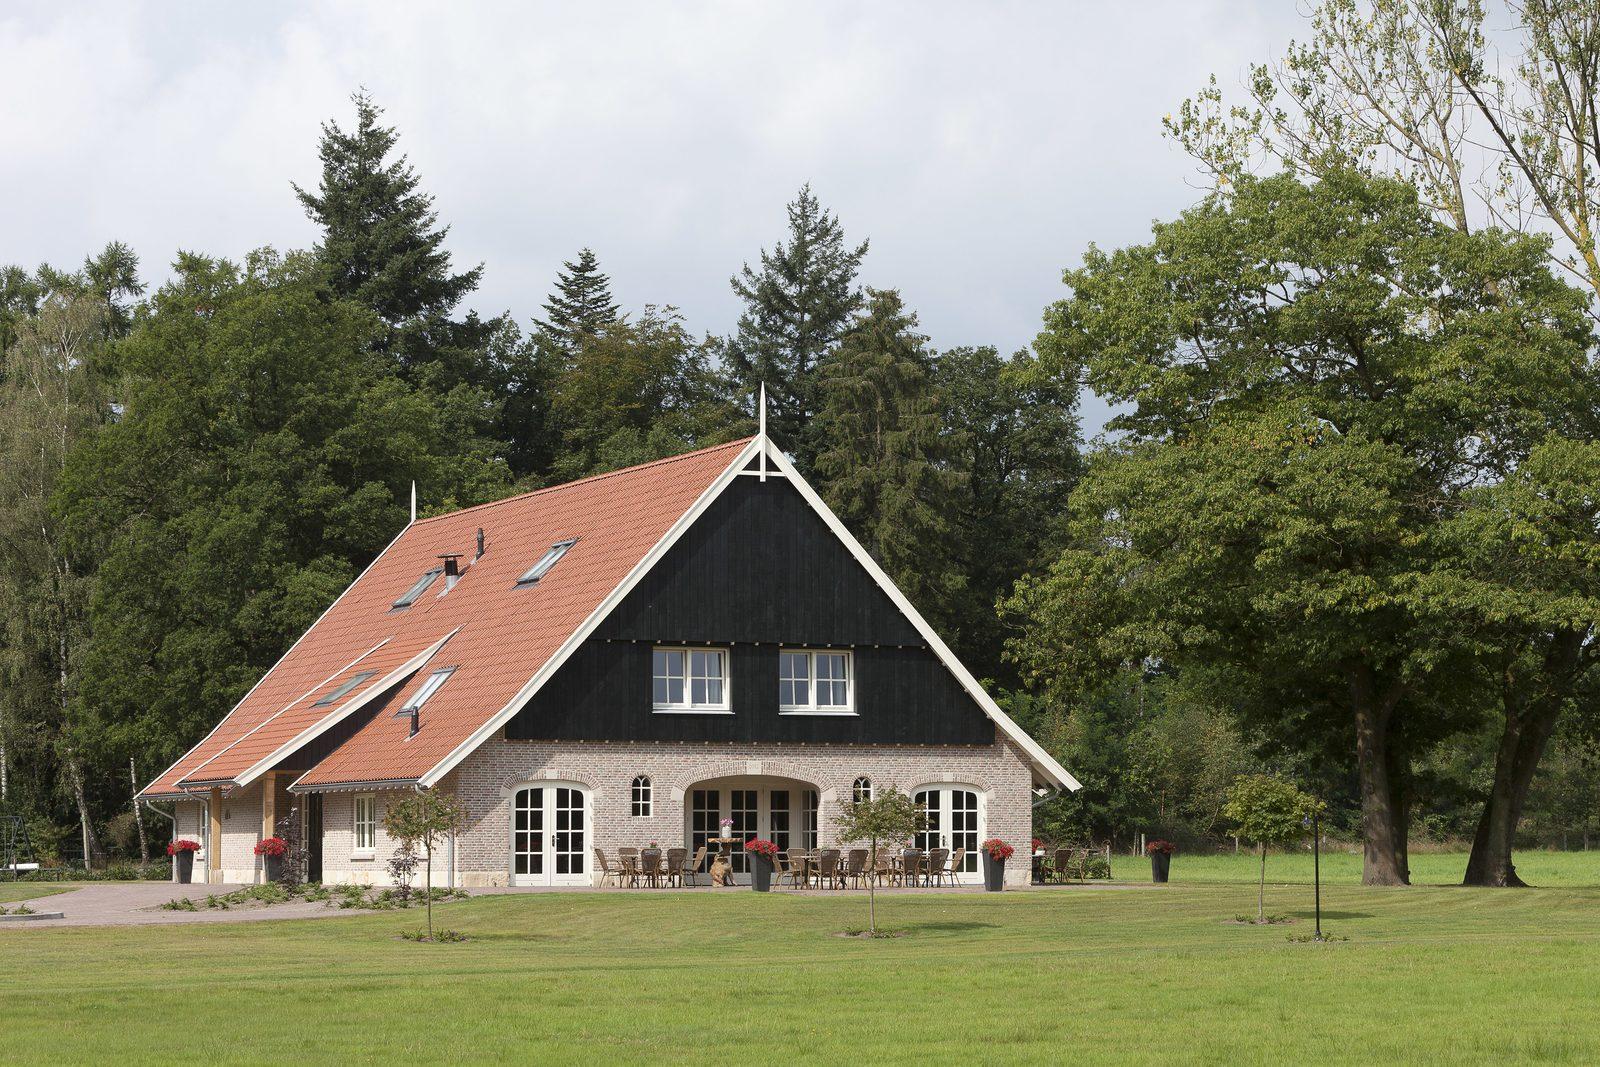 vakantiehuis 14 personen | www.borghuis.nl